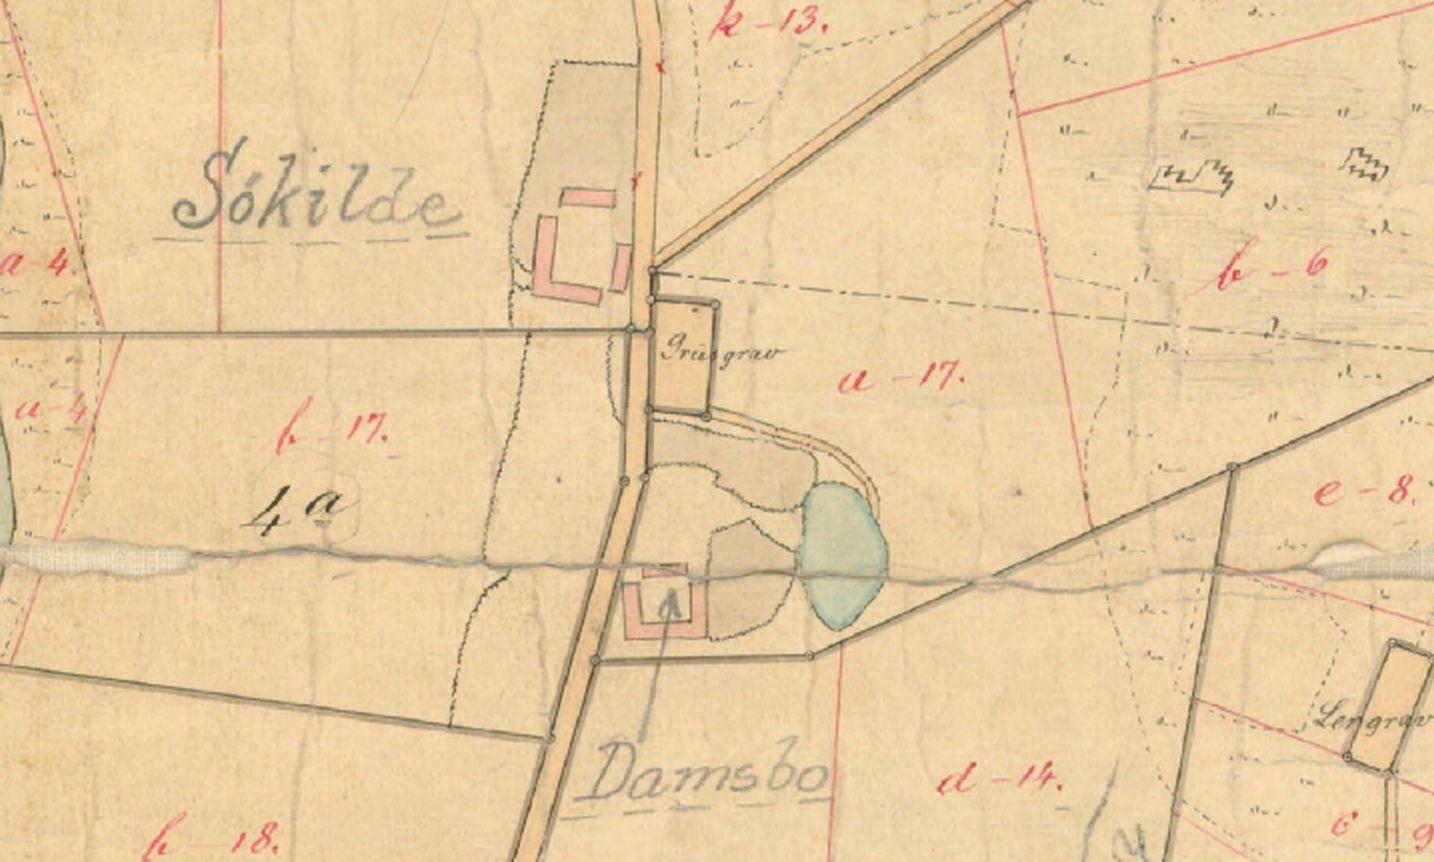 Fleninge - kirketomt nord for Damsbo - kirkegård i grusgrav nord for